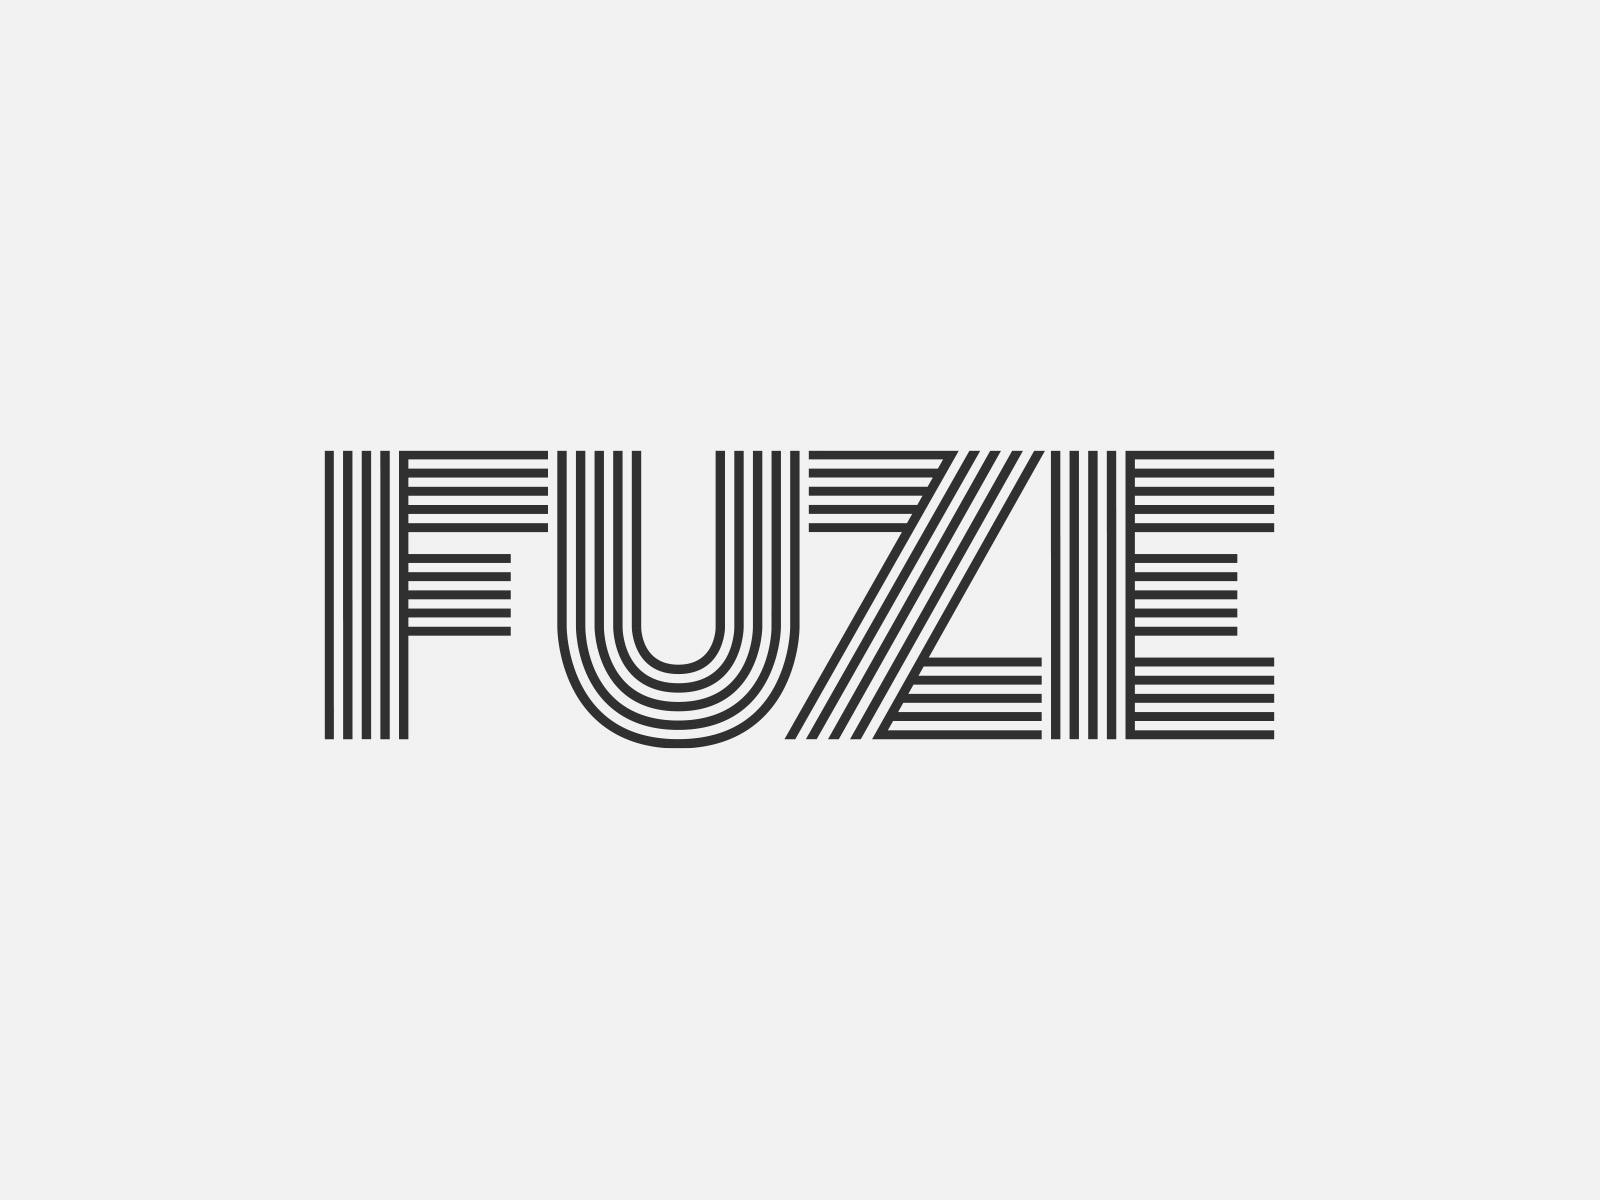 Fuze Reps by Leo Burnett Design